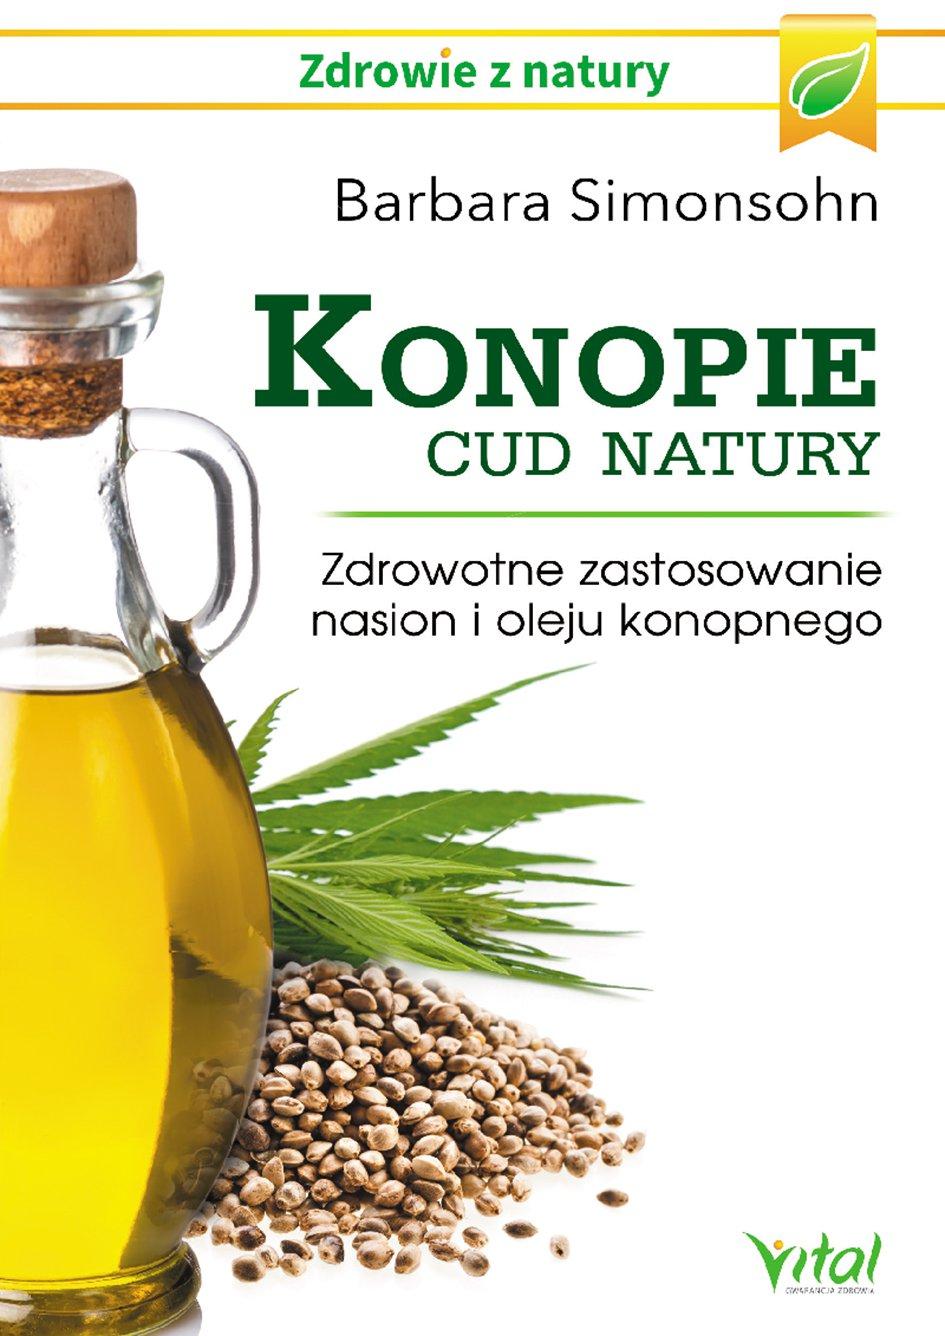 Konopie - cud natury. Zdrowotne zastosowanie nasion i oleju konopnego - Ebook (Książka PDF) do pobrania w formacie PDF